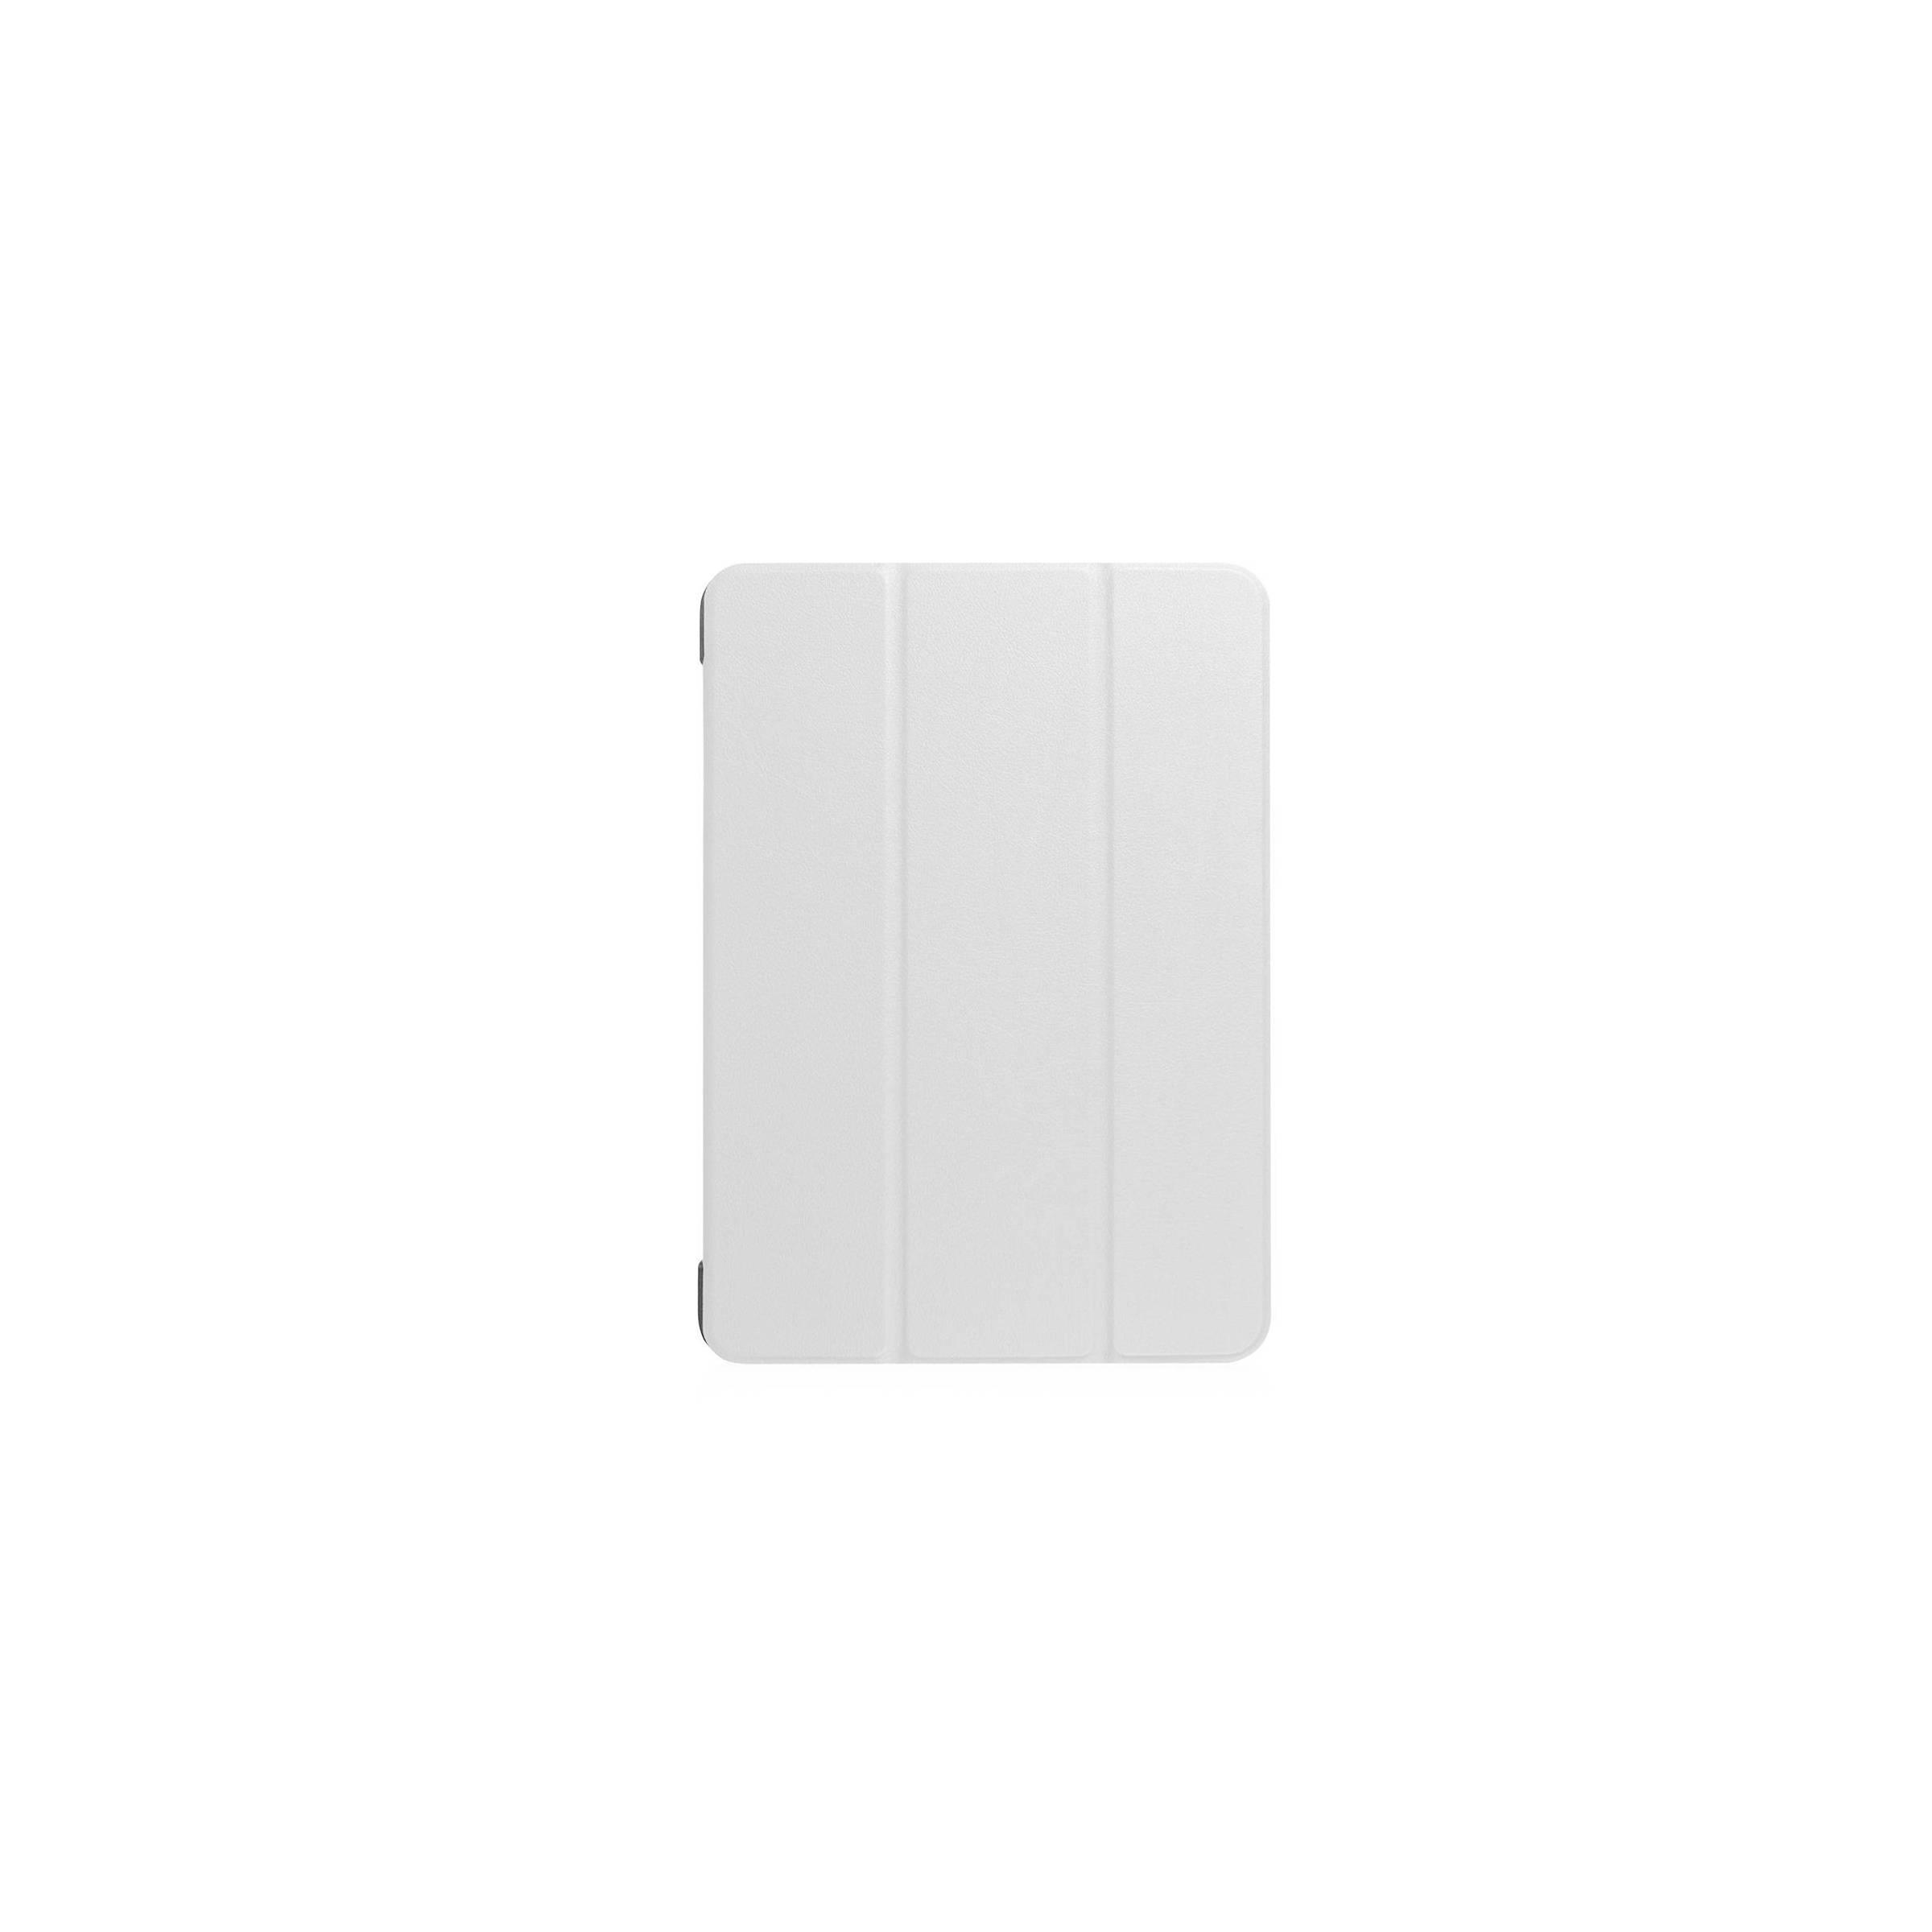 """Ipad pro 10,5""""/air 3 cover med bagside og smartcover farve hvid fra kina oem fra mackabler.dk"""